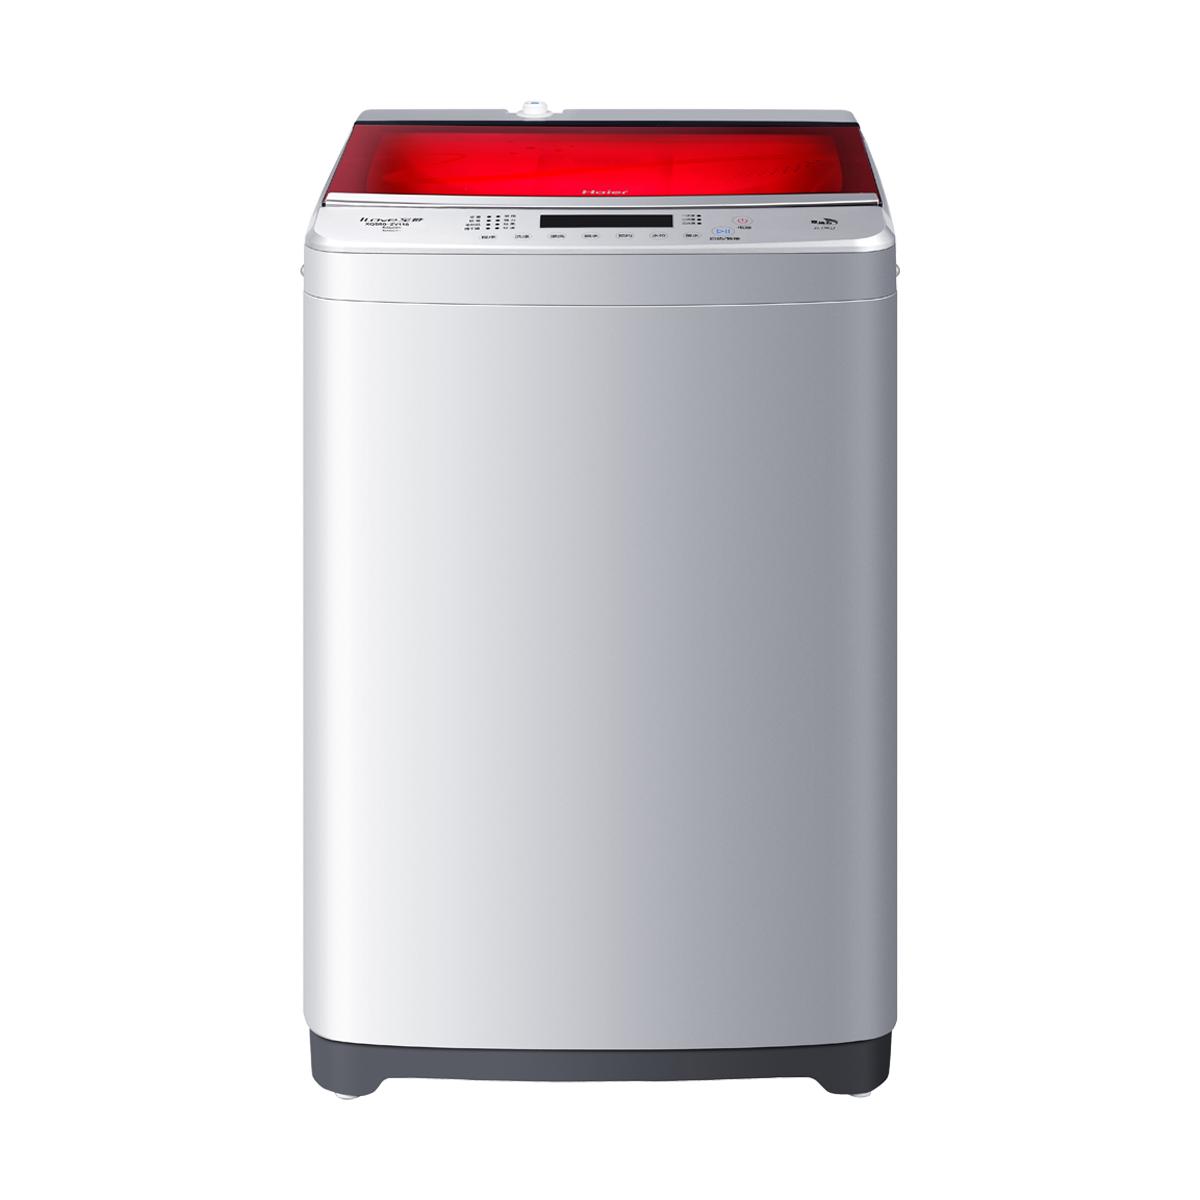 海尔Haier洗衣机 XQS60-ZY118 说明书